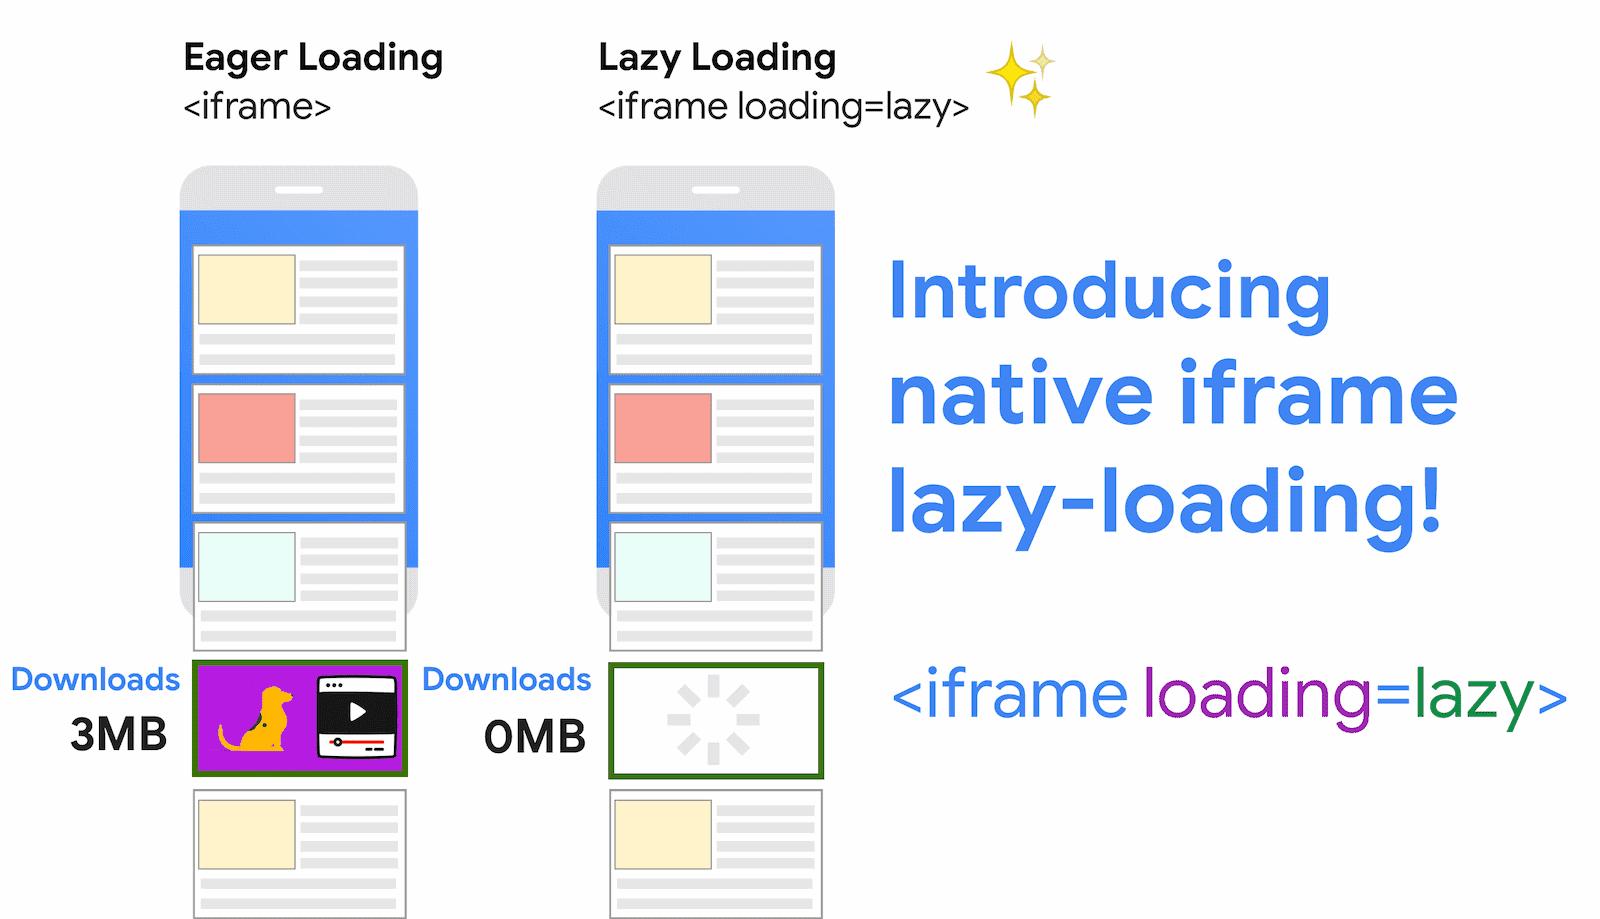 iframe lazyloading